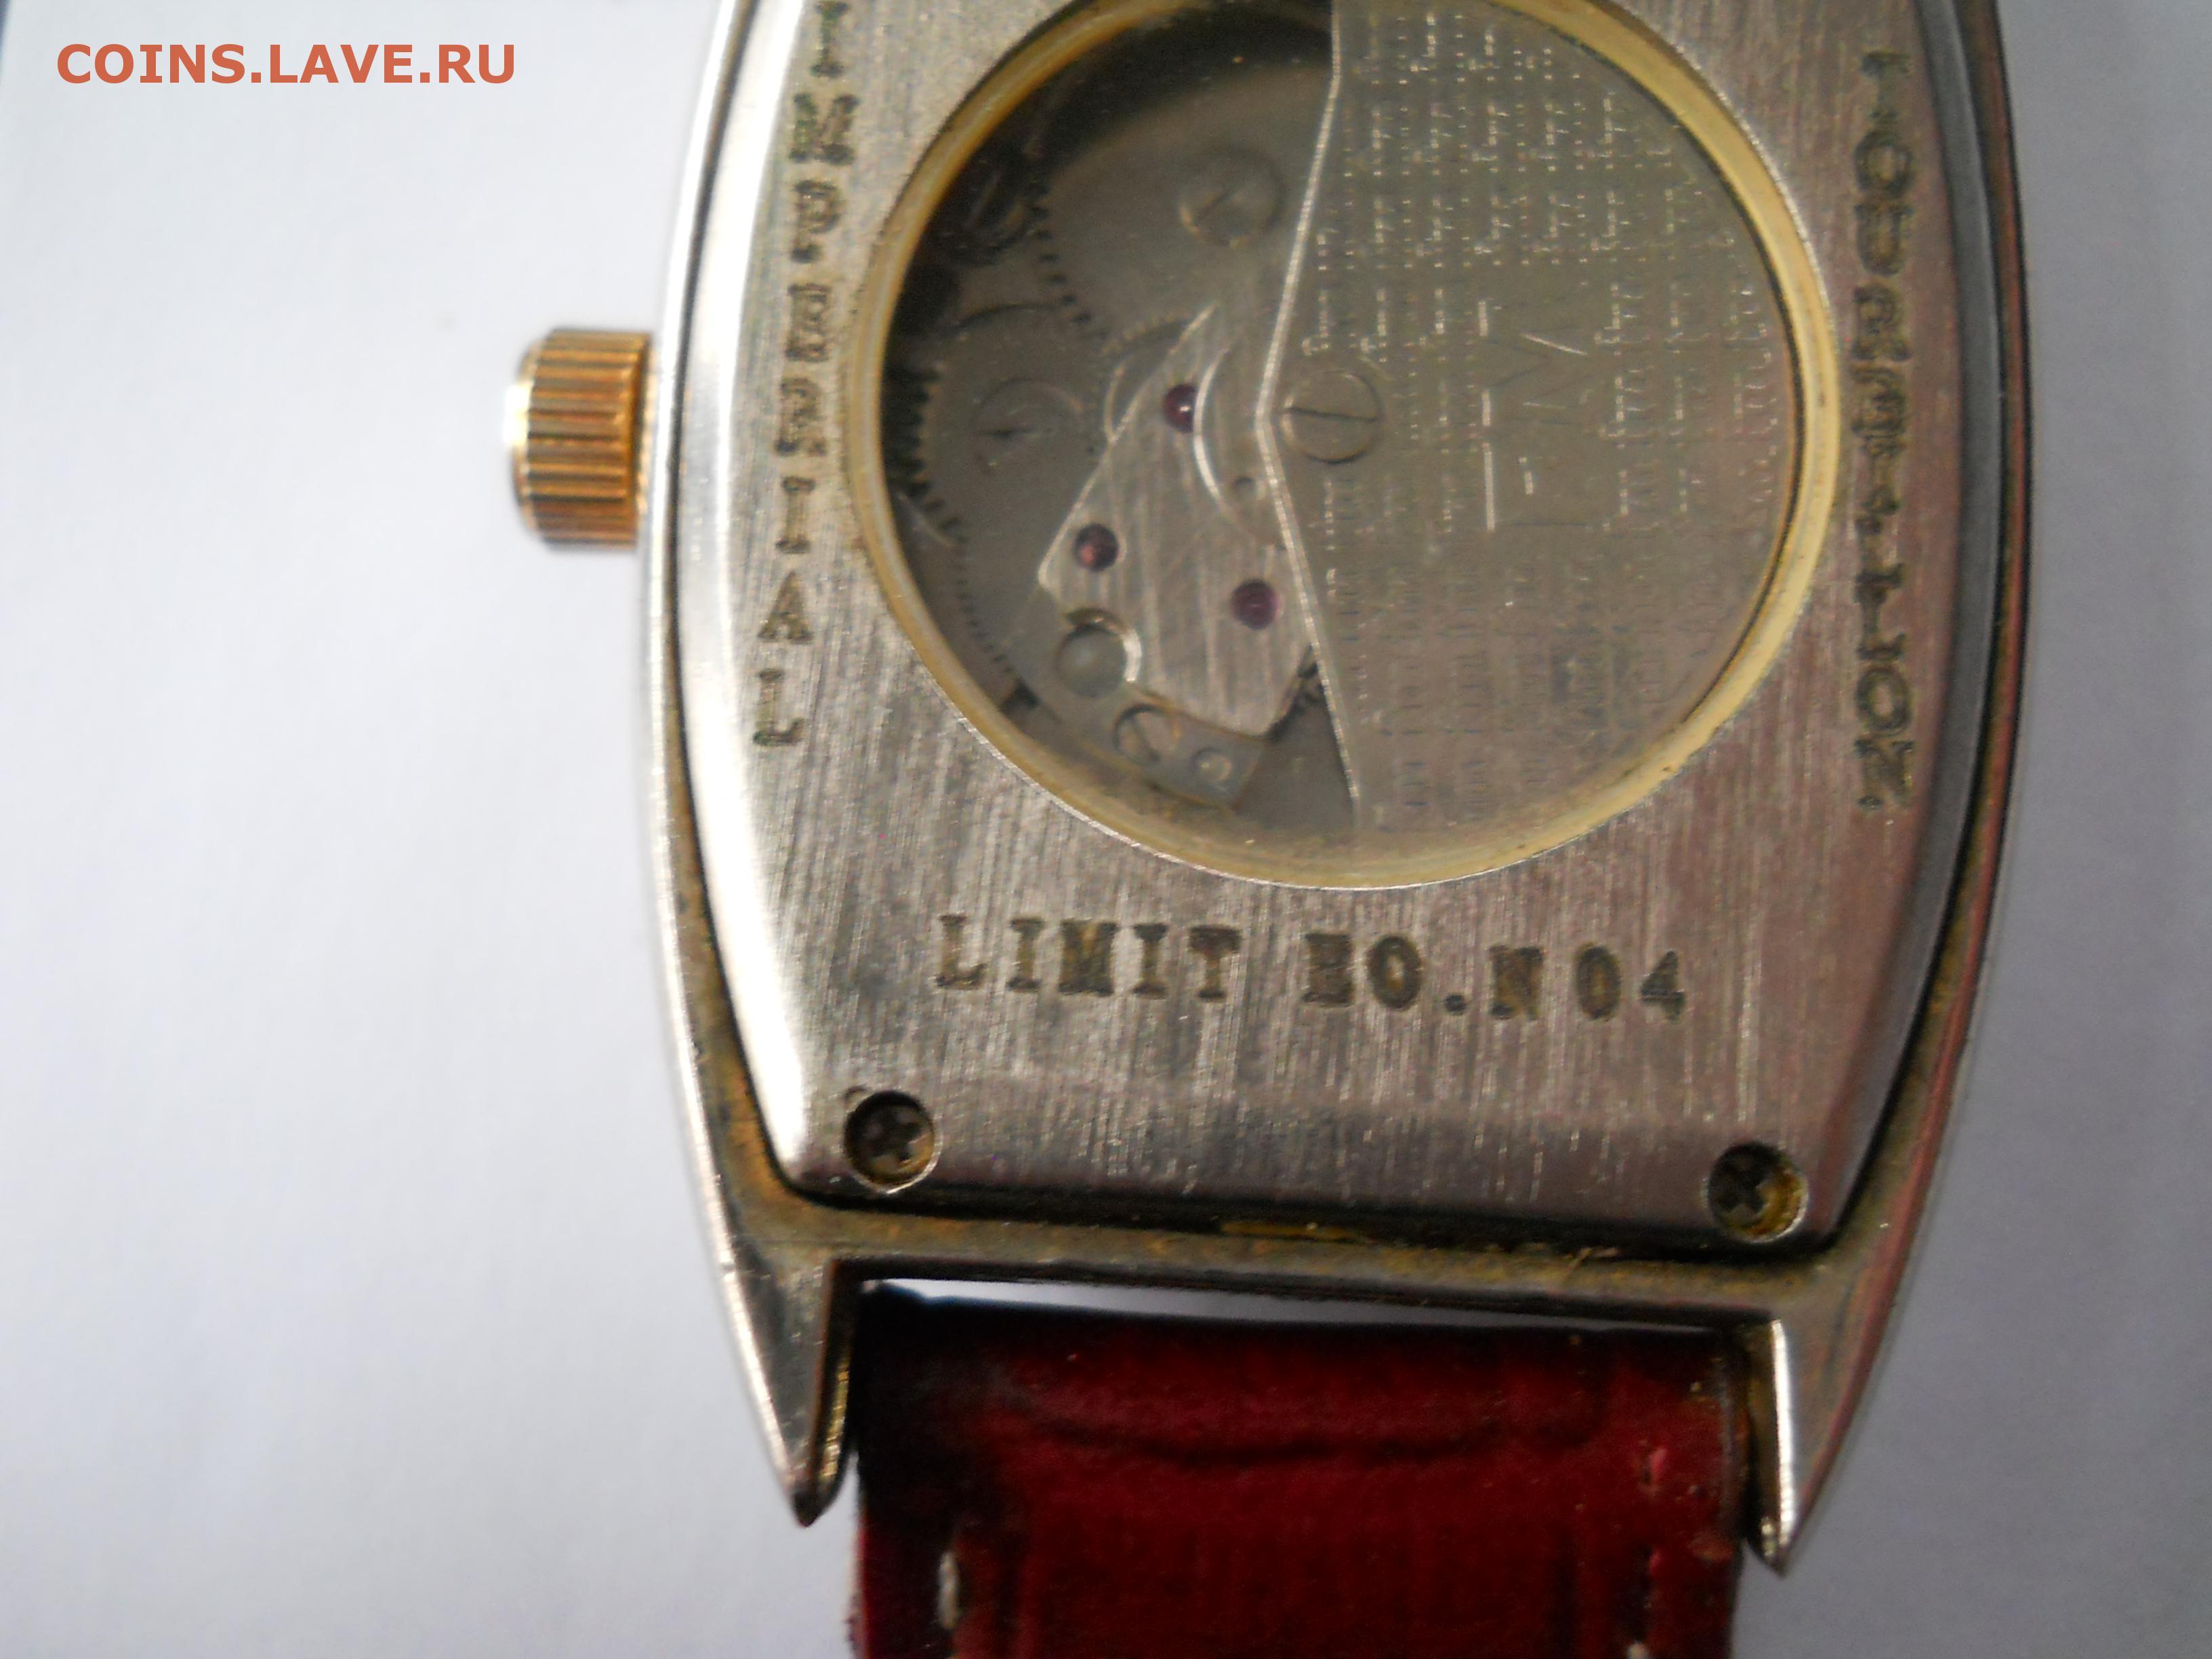 Franck 1932 часов 503 стоимость muller плитой стоимость квт электрической час электроэнергии